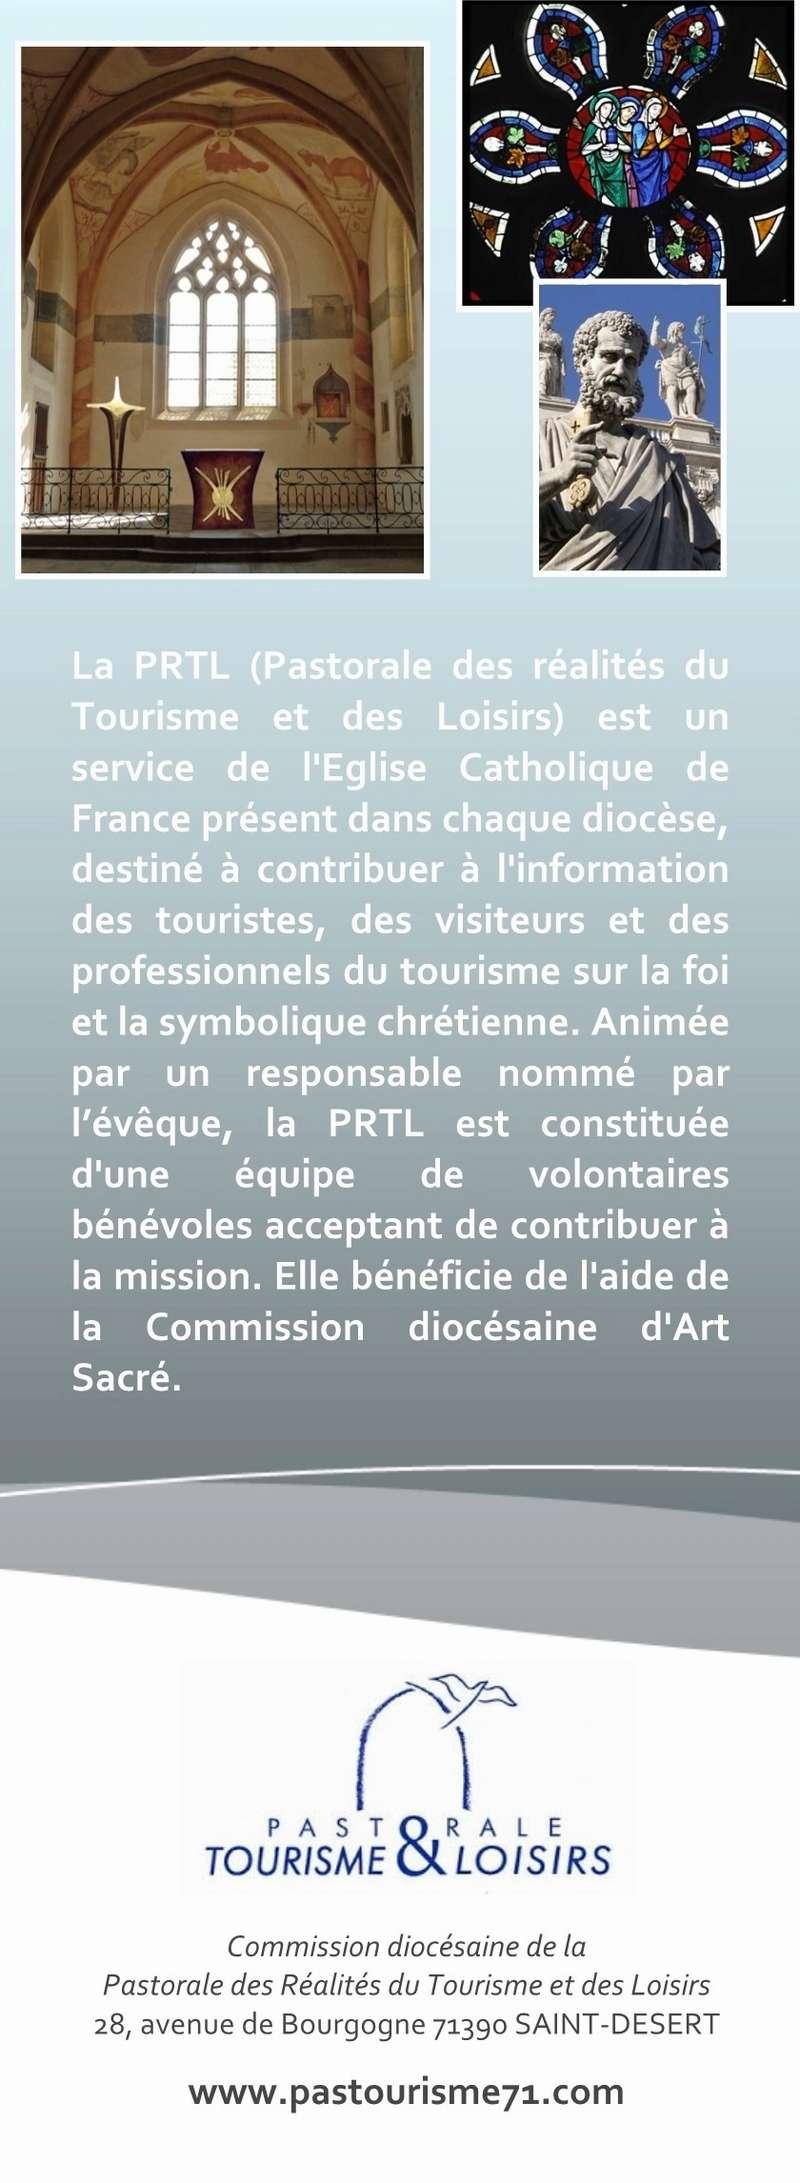 Conférences  d'art sacré PASTOURISME 2016 2017 1c_cop10